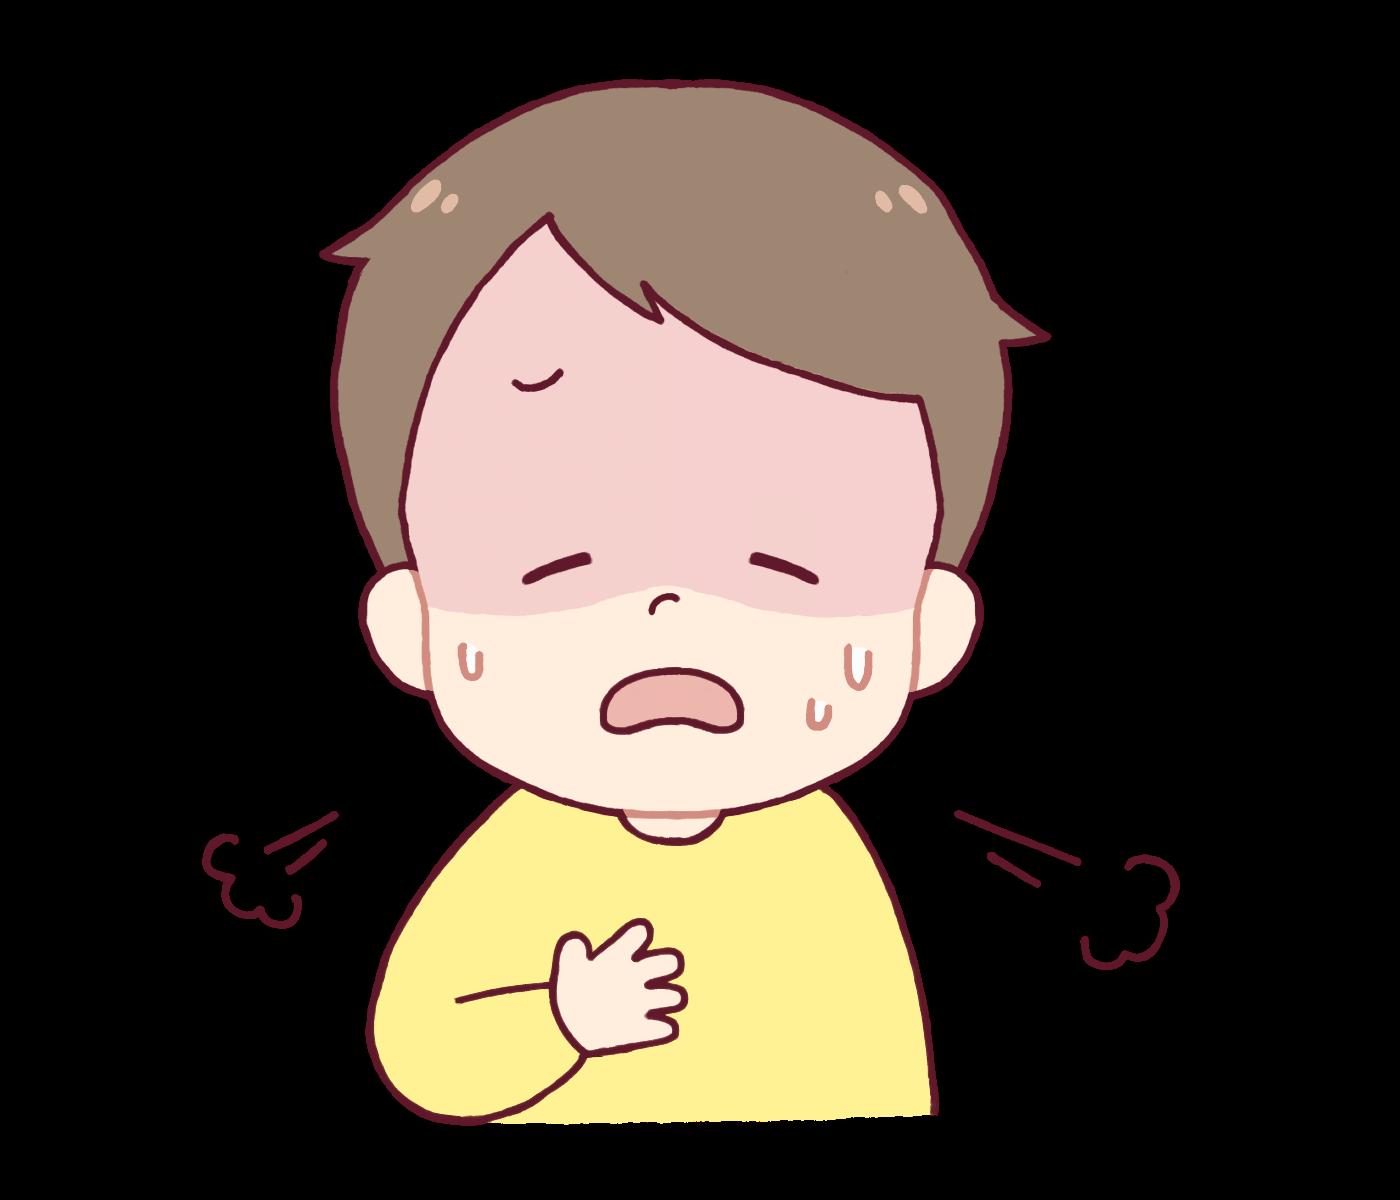 ウイルス感染に伴う初回喘鳴に対し、全身性ステロイド薬は予後を変えるか?:ランダム化比較試験